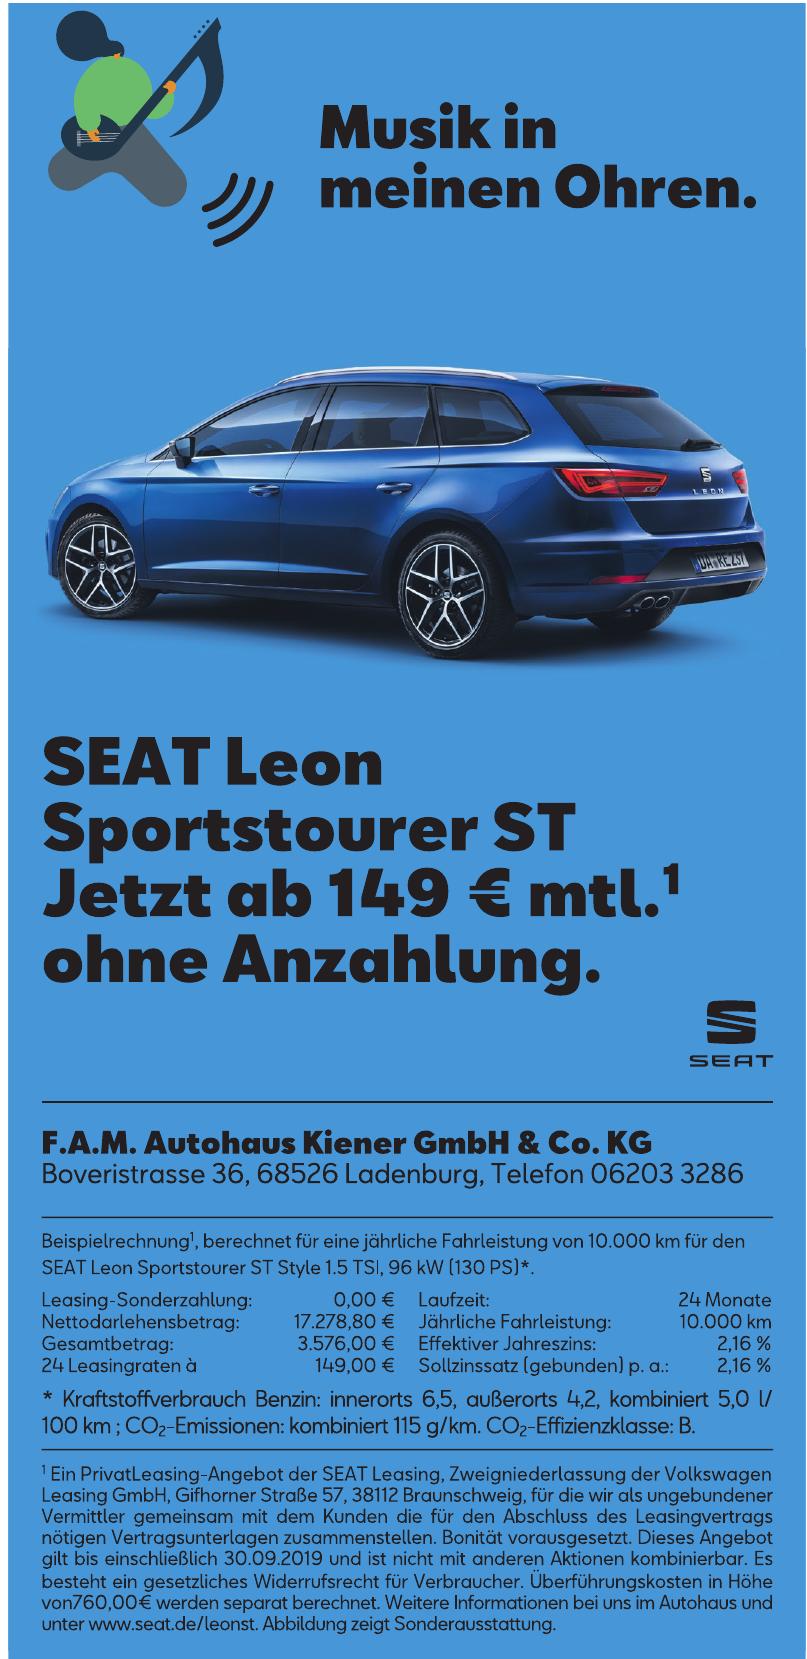 F.A.M. Autohaus Kiener Gmbh & Co. Kg